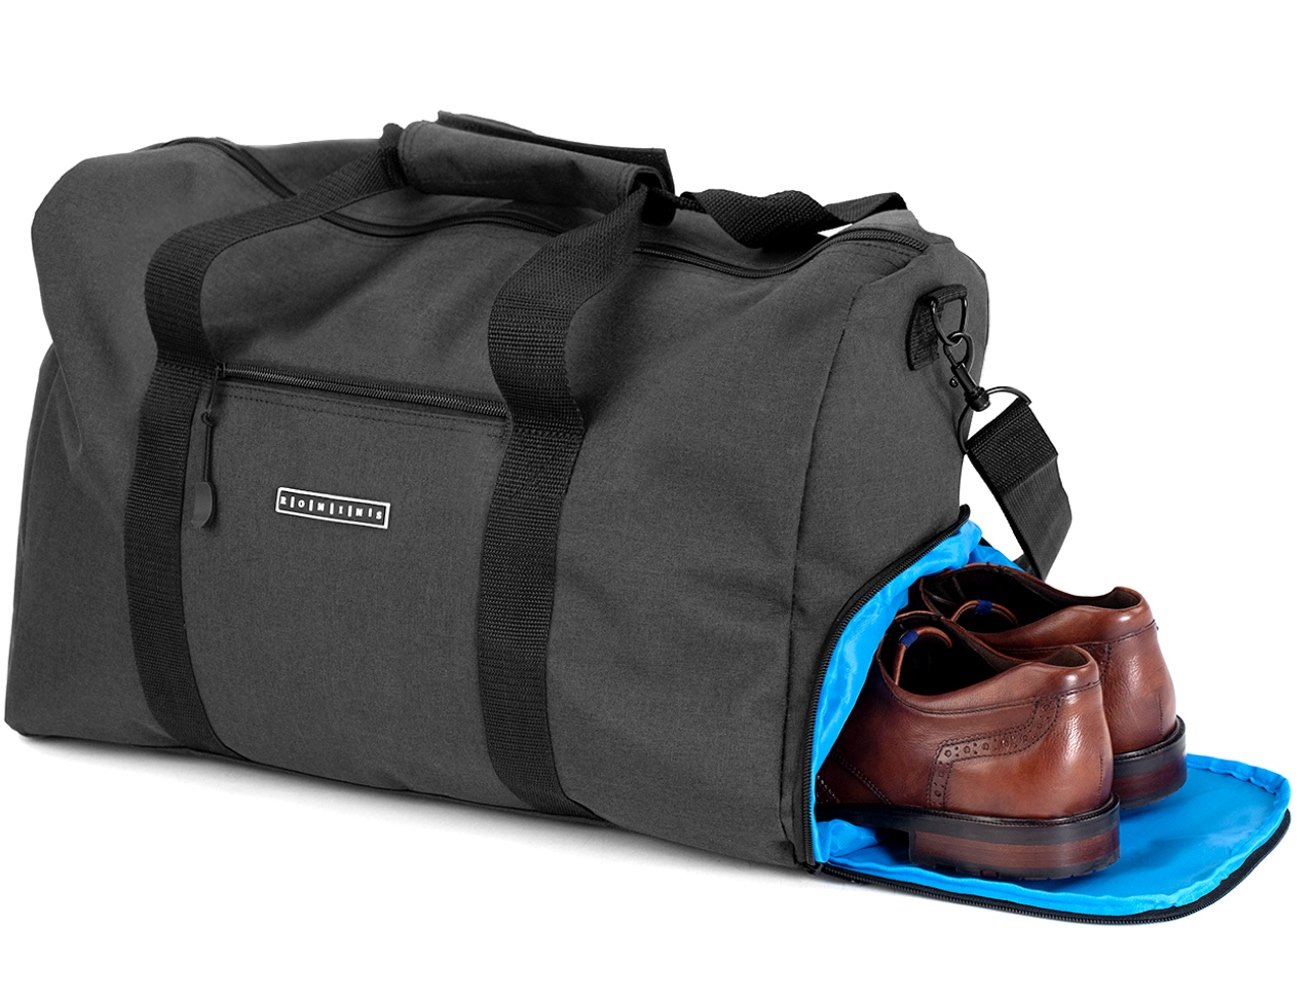 Sac de sport élégant Ronin Sac de voyage avec compartiment à chaussures et porte-bouteille d'eau | Sac à main de 38 litres 55x40x20 | Sac de week-end en toile de haute qualité pour homme et femme RNSWK01